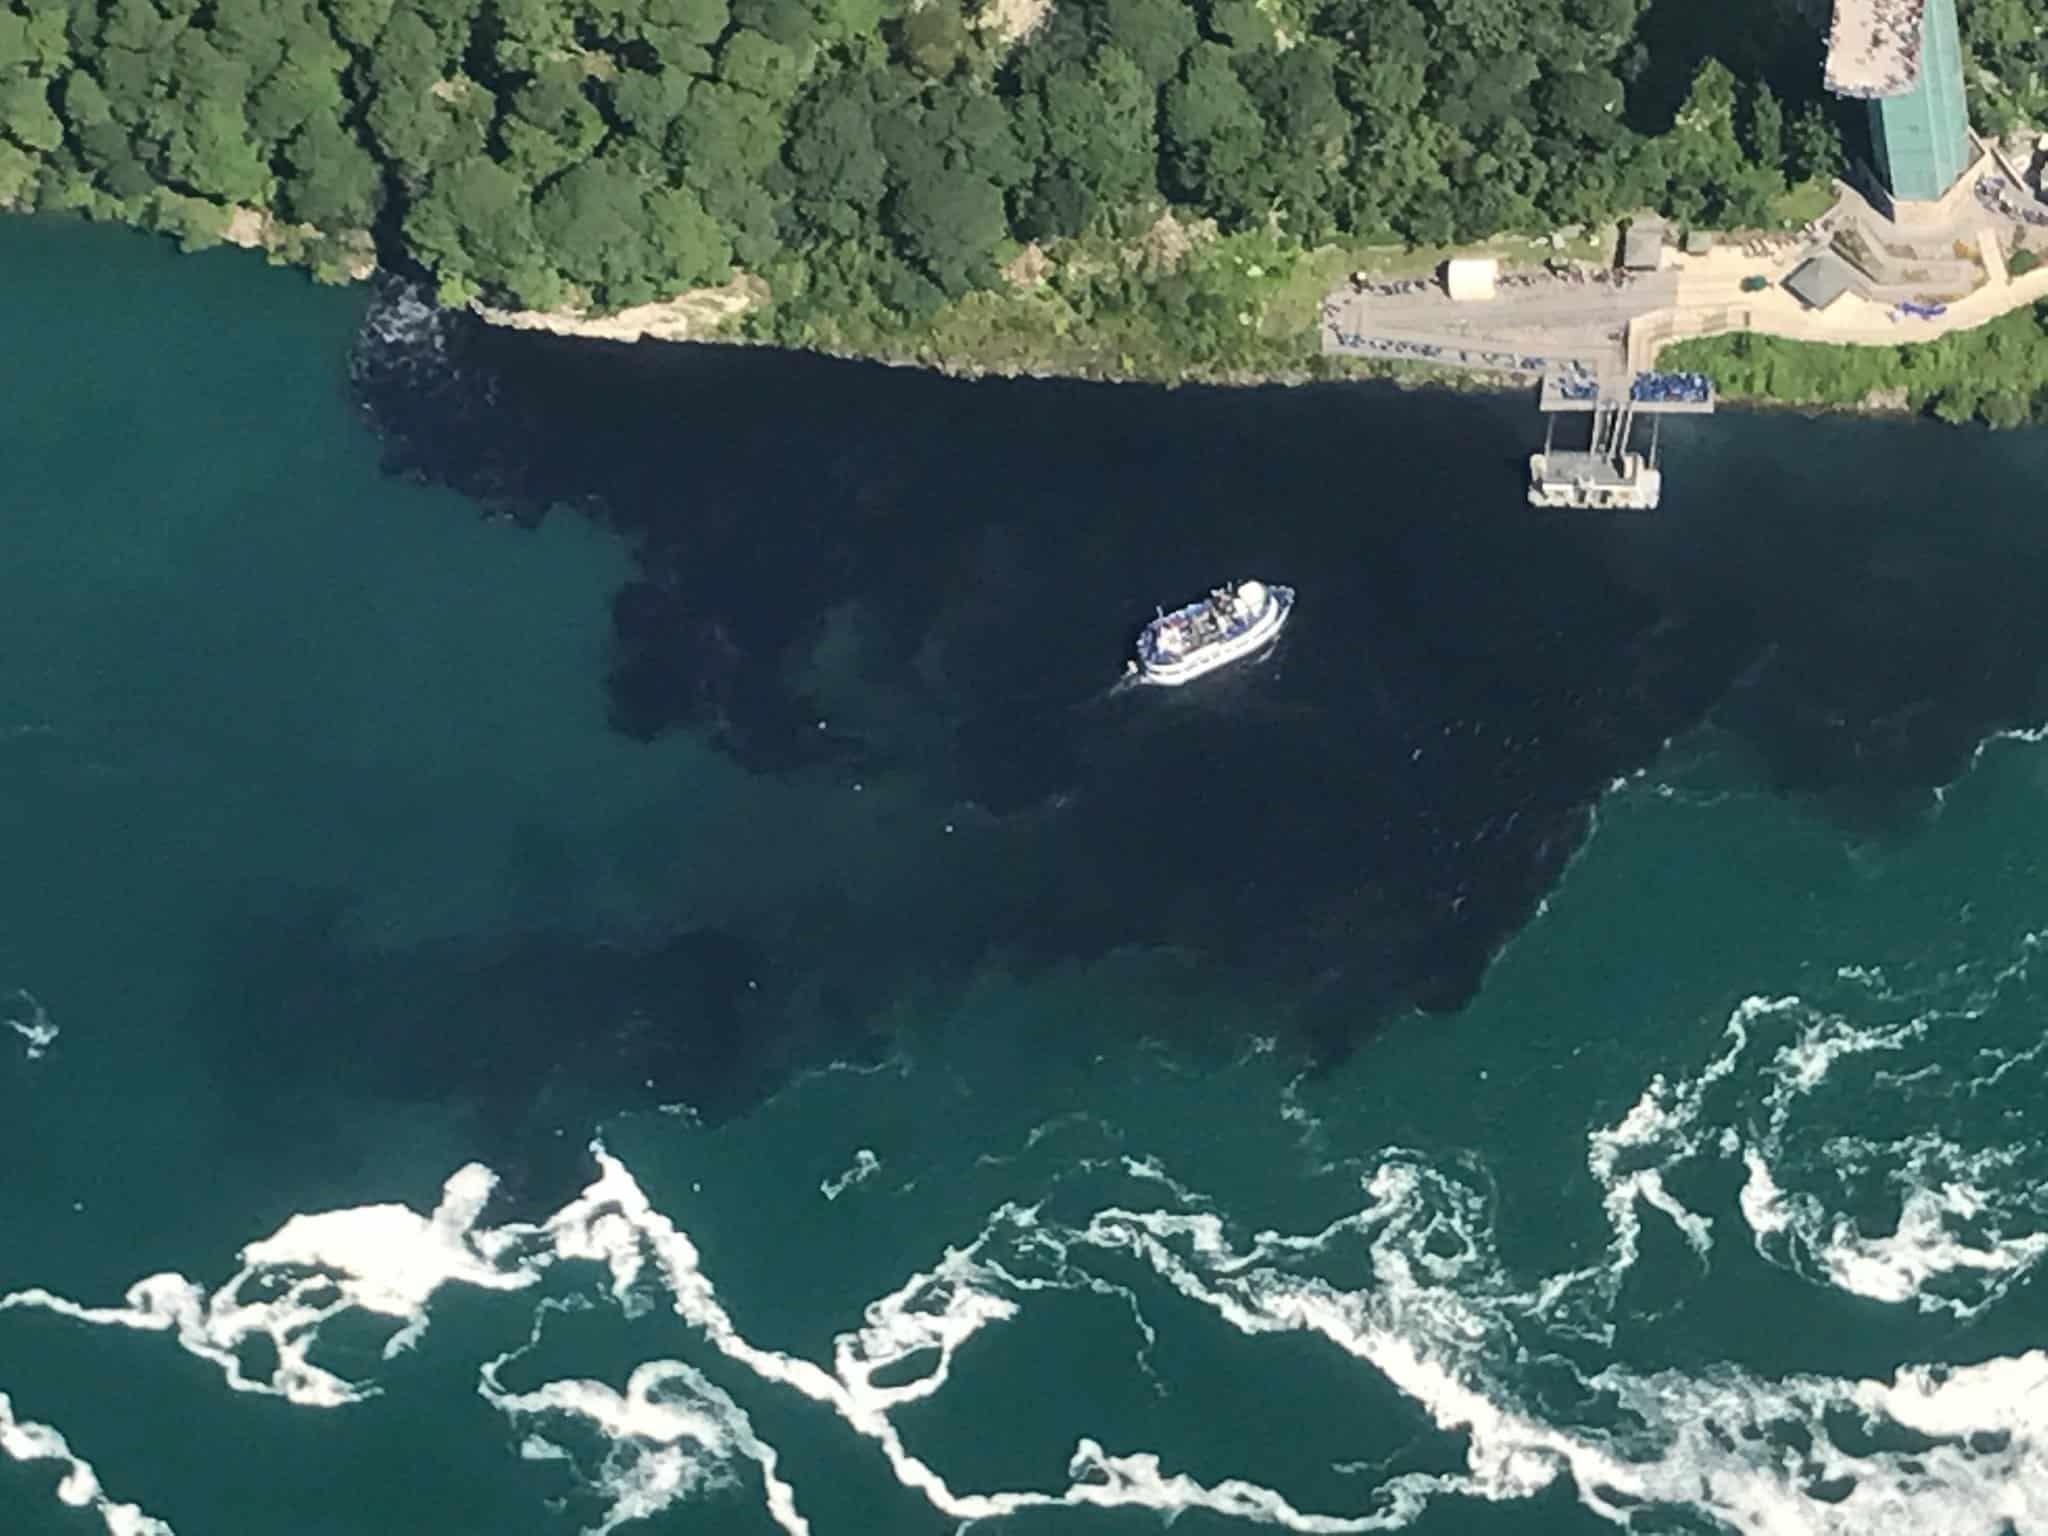 Aguas cercanas a las Cataratas del Niágara posiblemente contaminadas con deshechos de empresa estadounidense